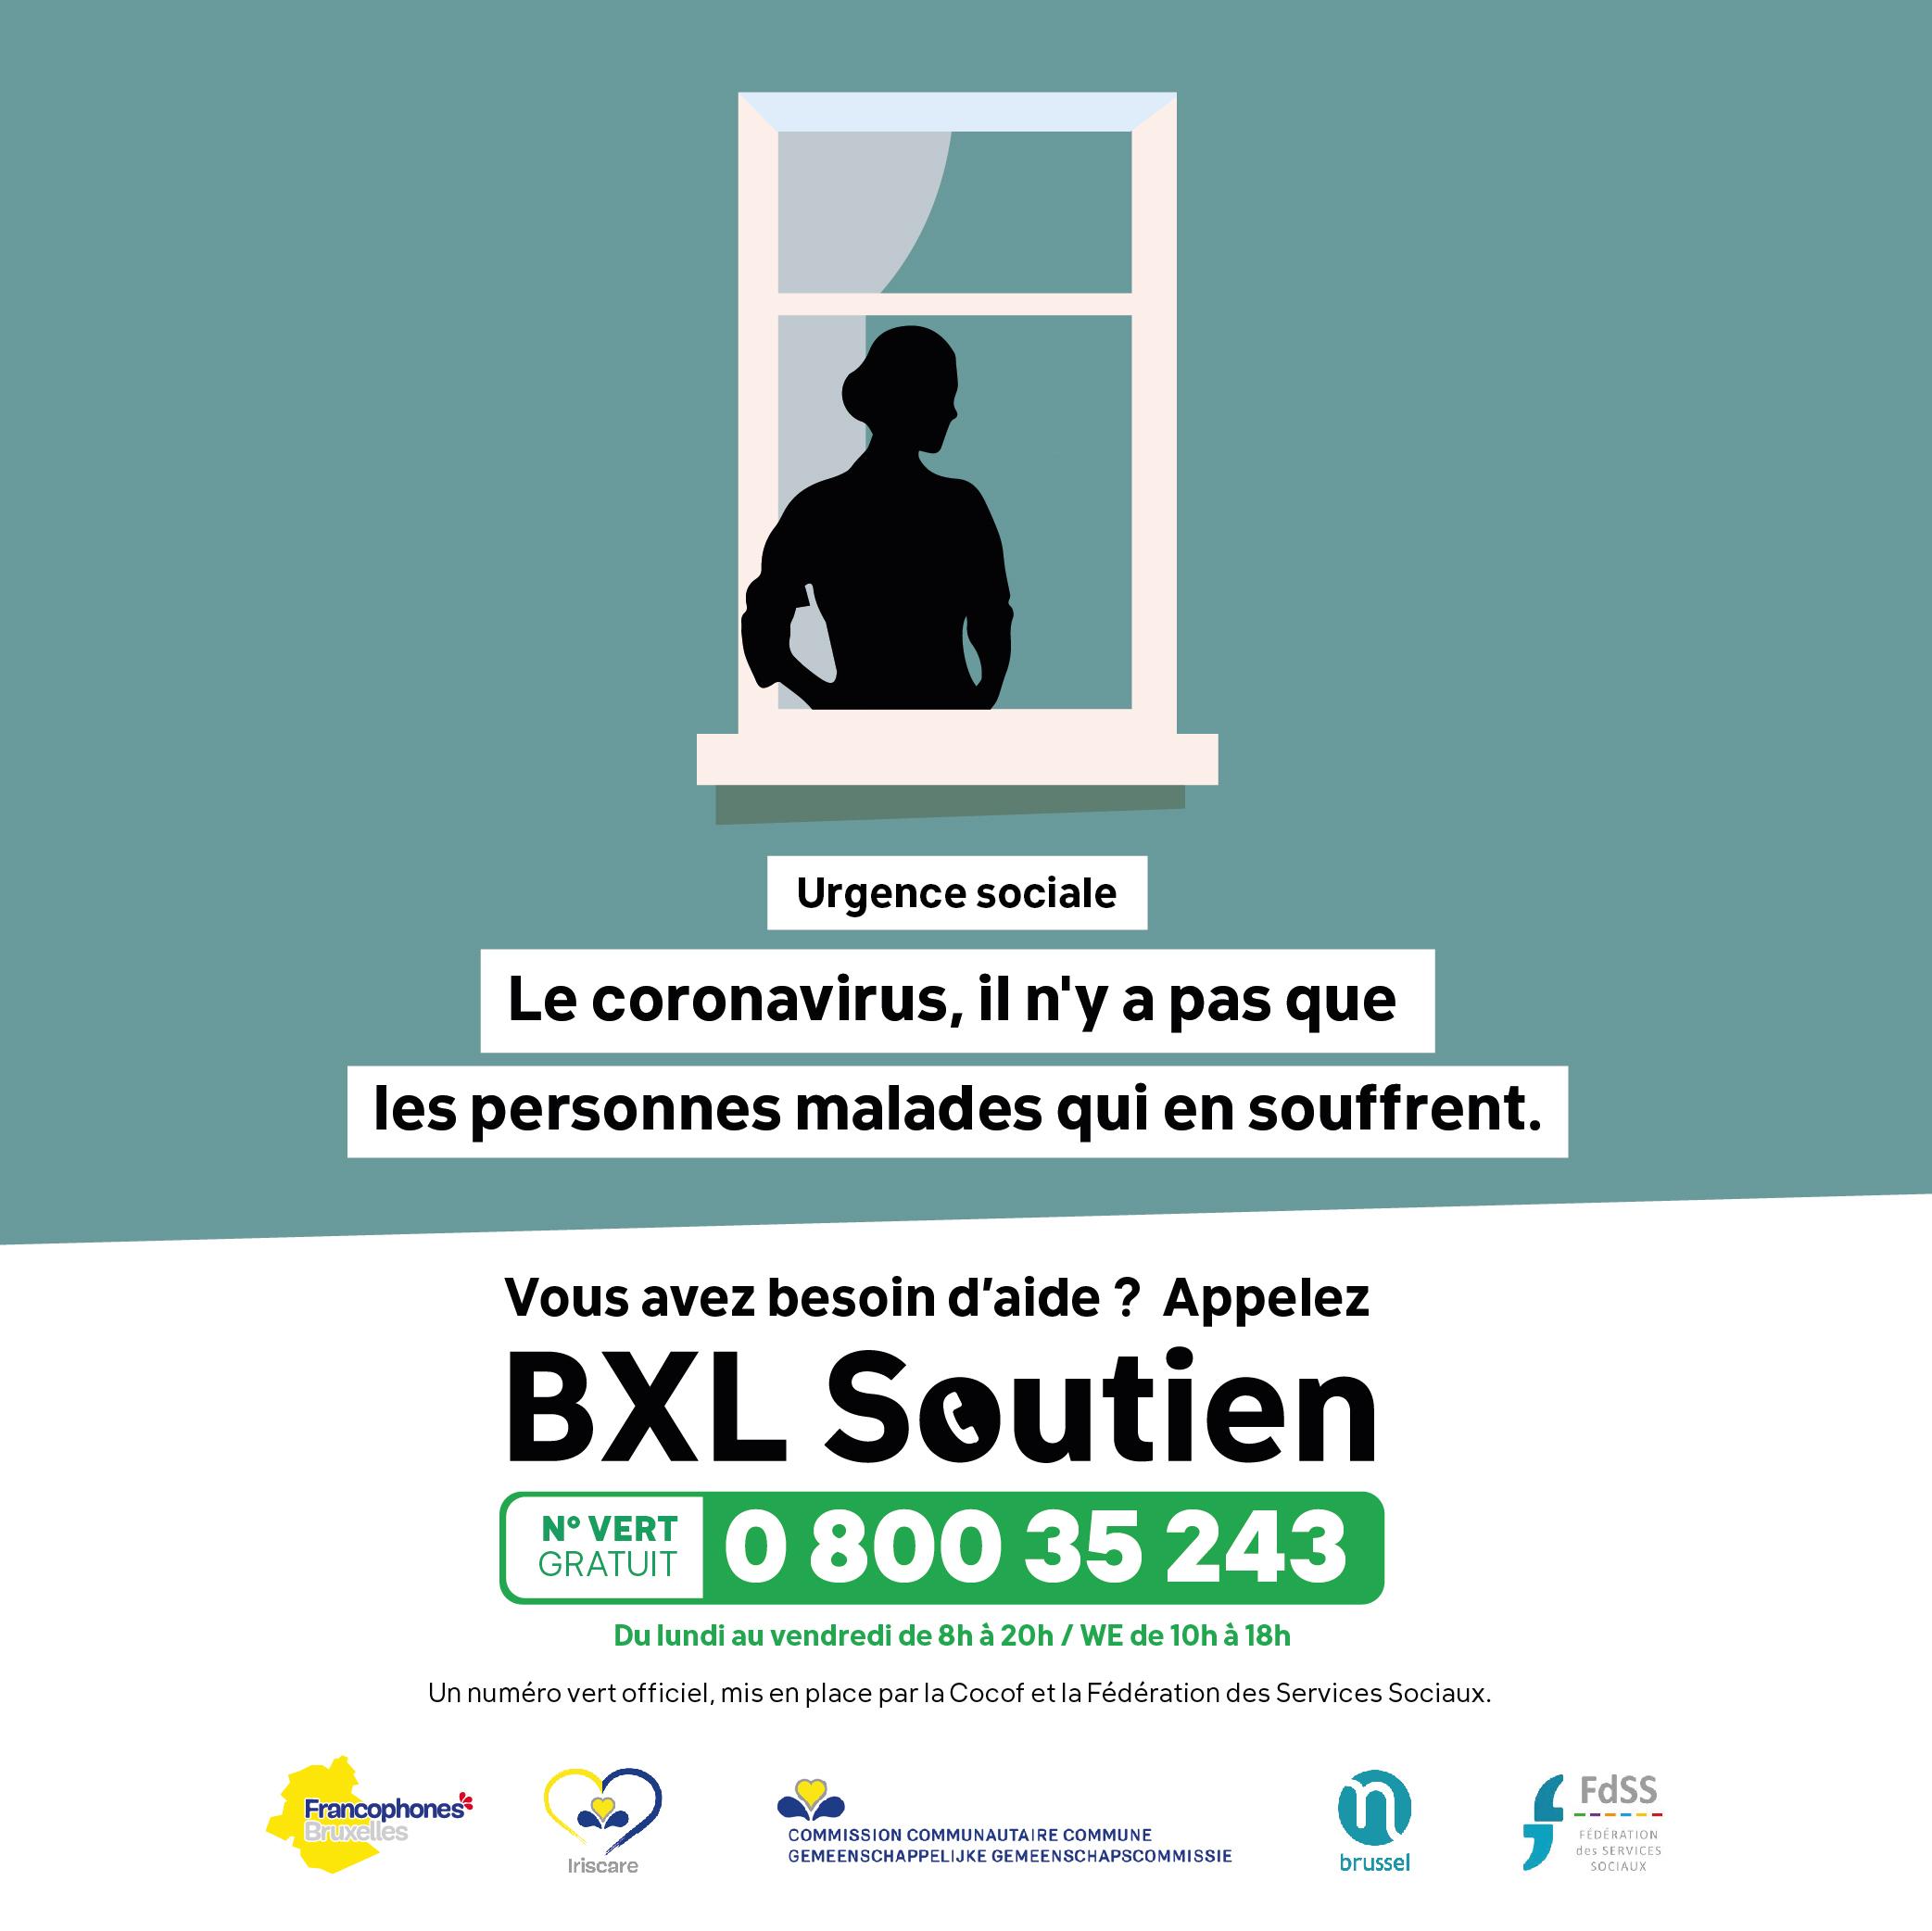 Affiche a3 Bruxelles soutien - cliquer sur l'image pour télécharger l'affiche